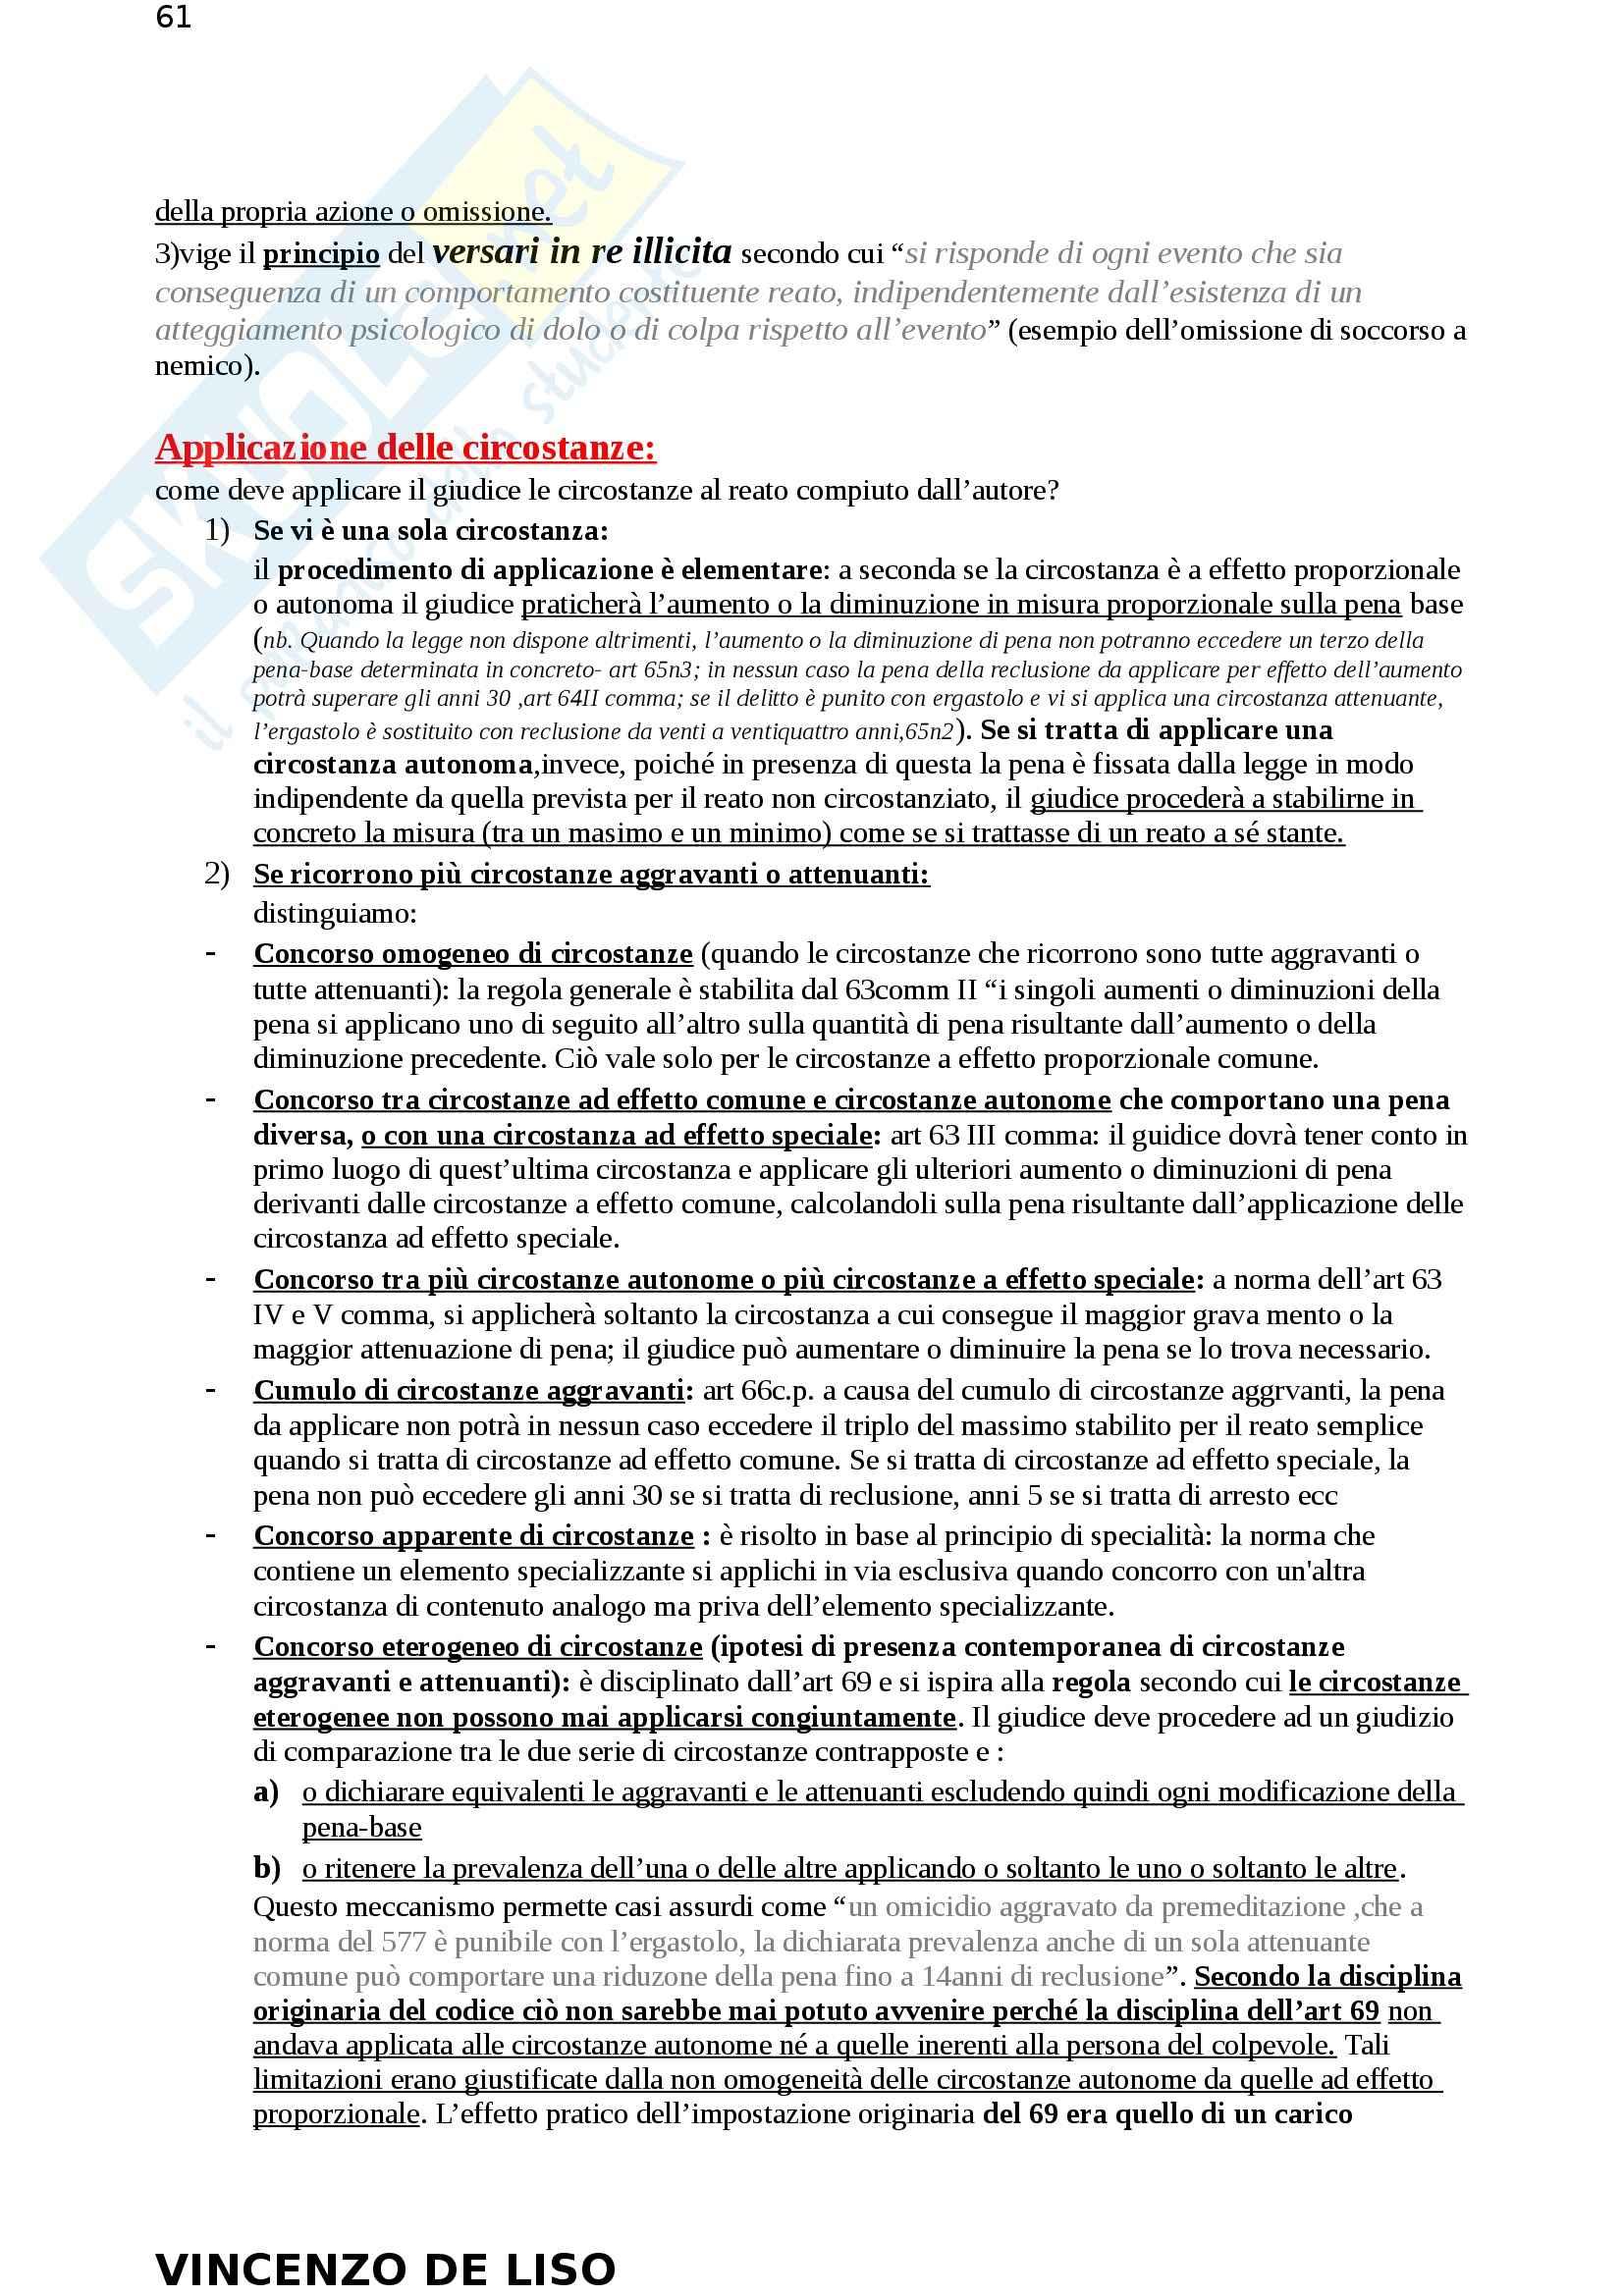 Riassunto esame Diritto Penale, prof. Moccia, libro consigliato Diritto penale, Fiore Pag. 61